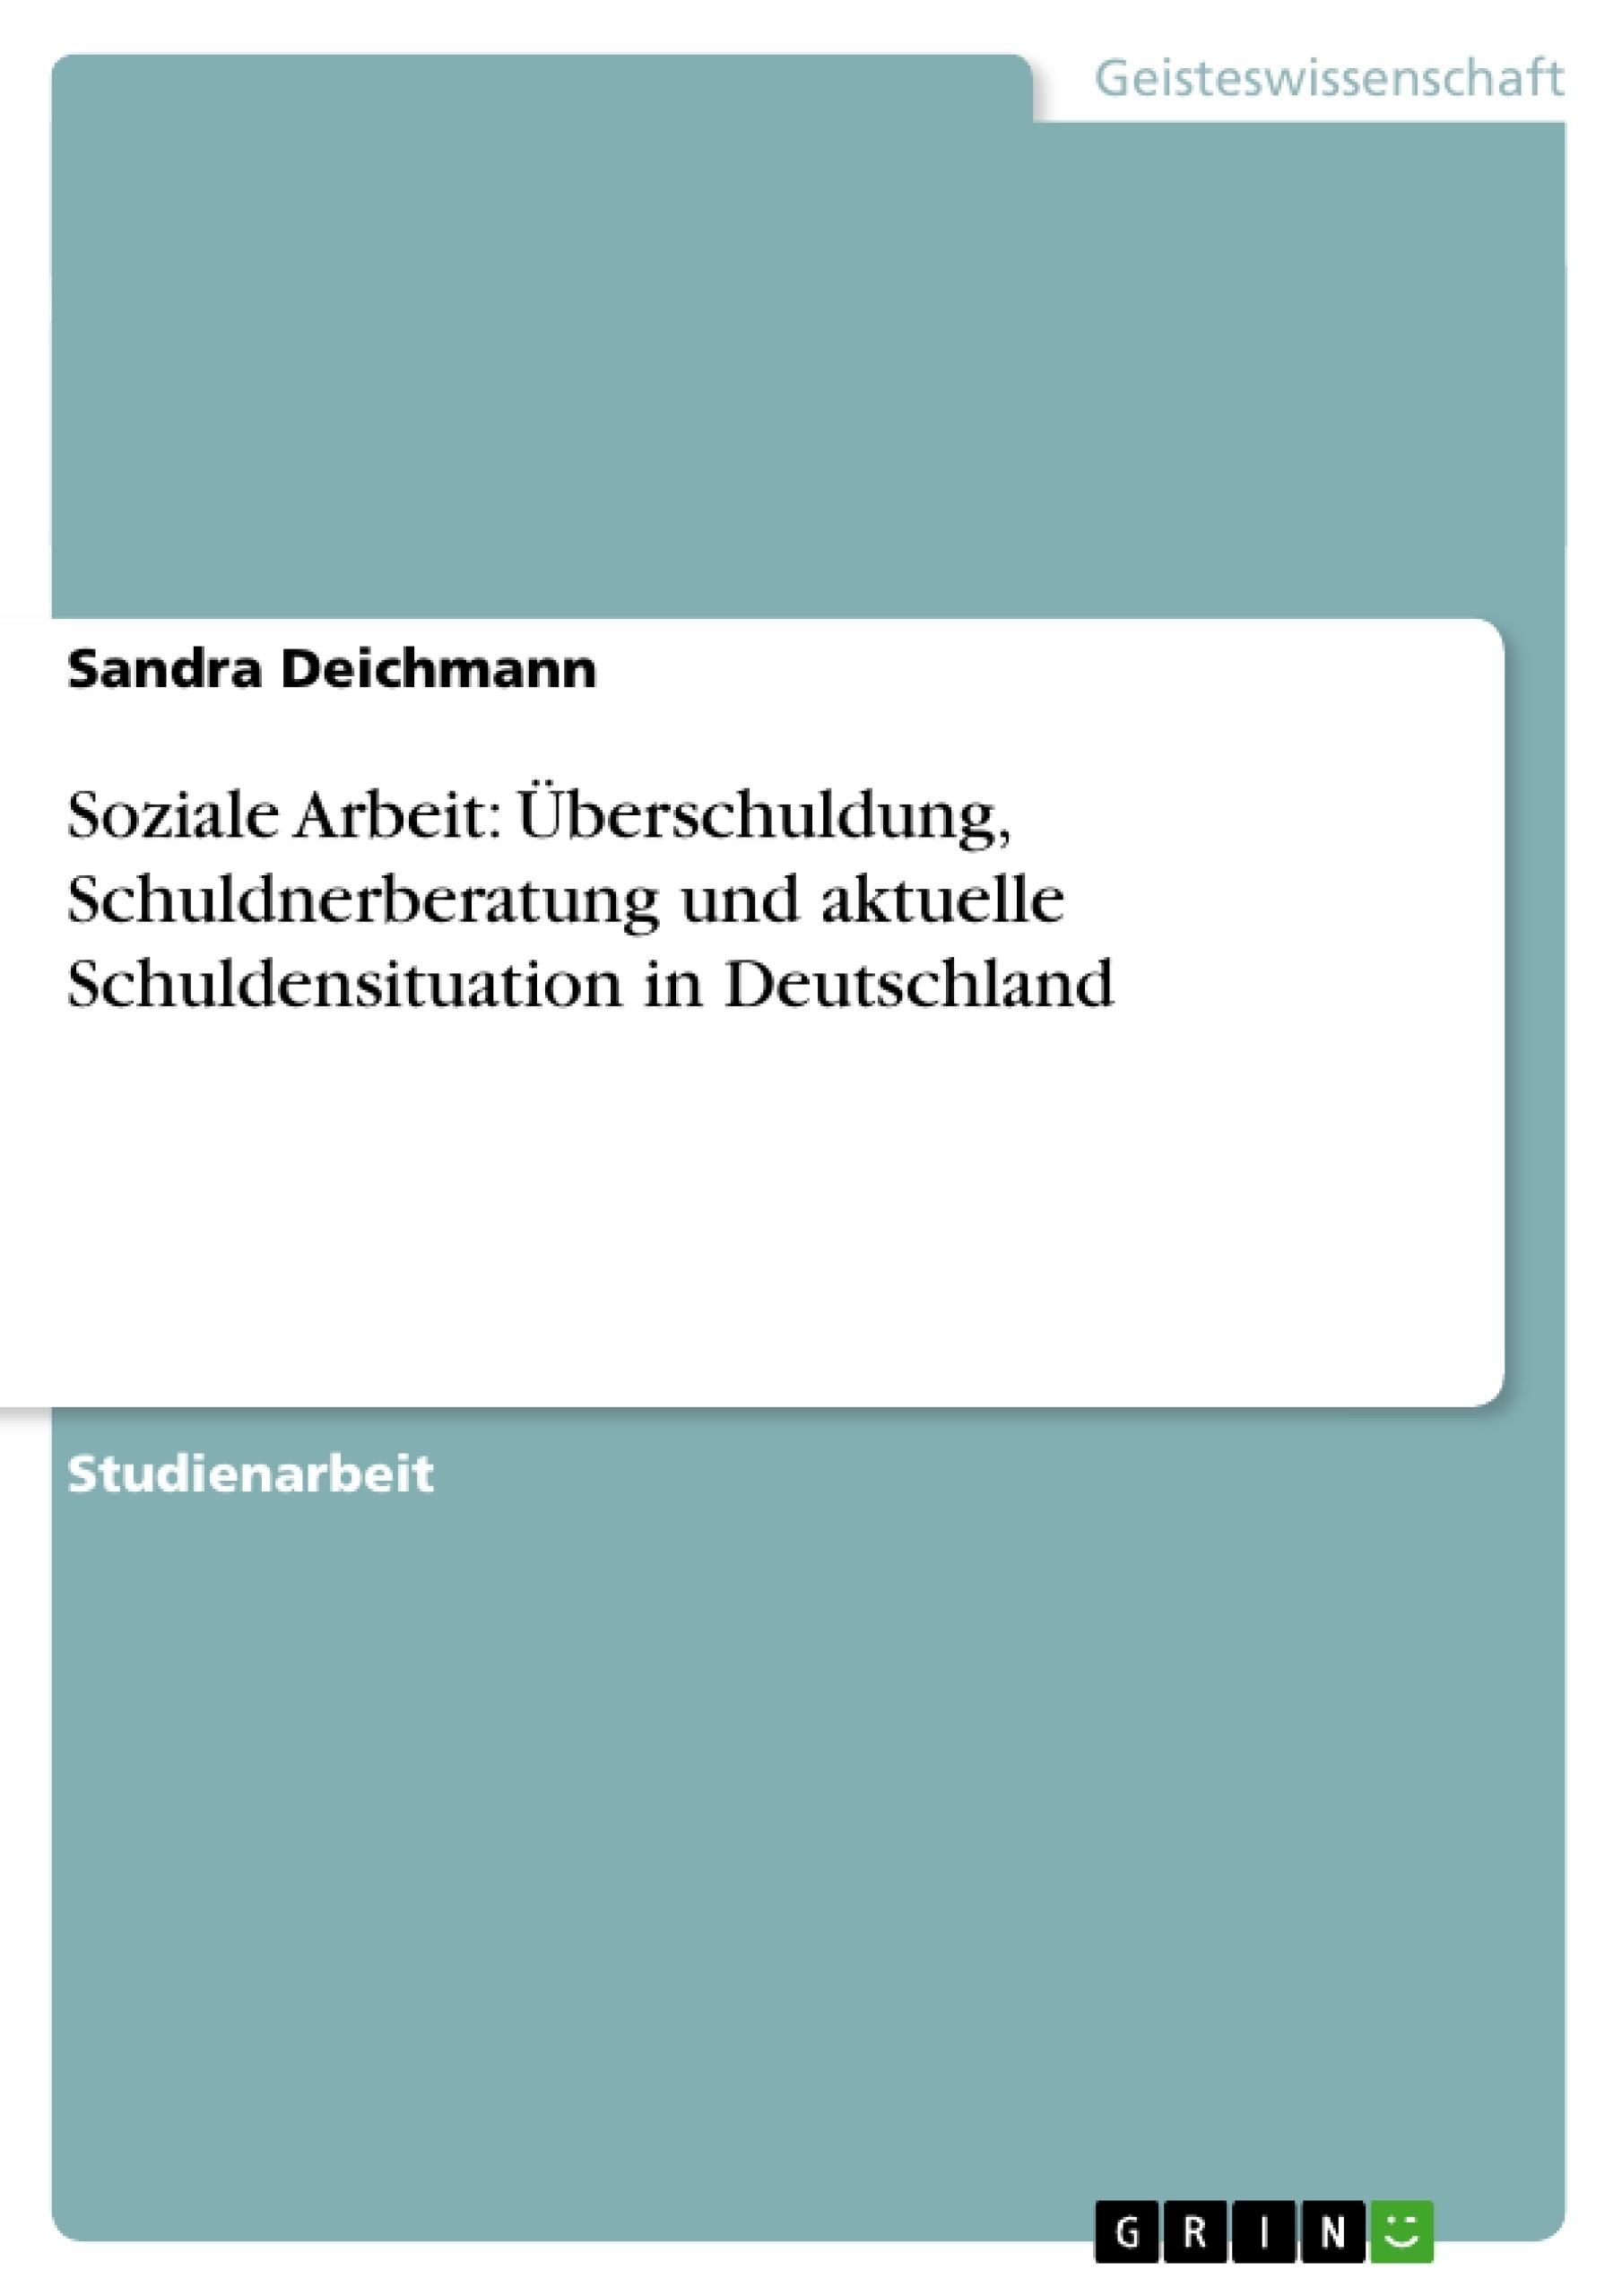 Titel: Soziale Arbeit: Überschuldung, Schuldnerberatung und aktuelle Schuldensituation in Deutschland